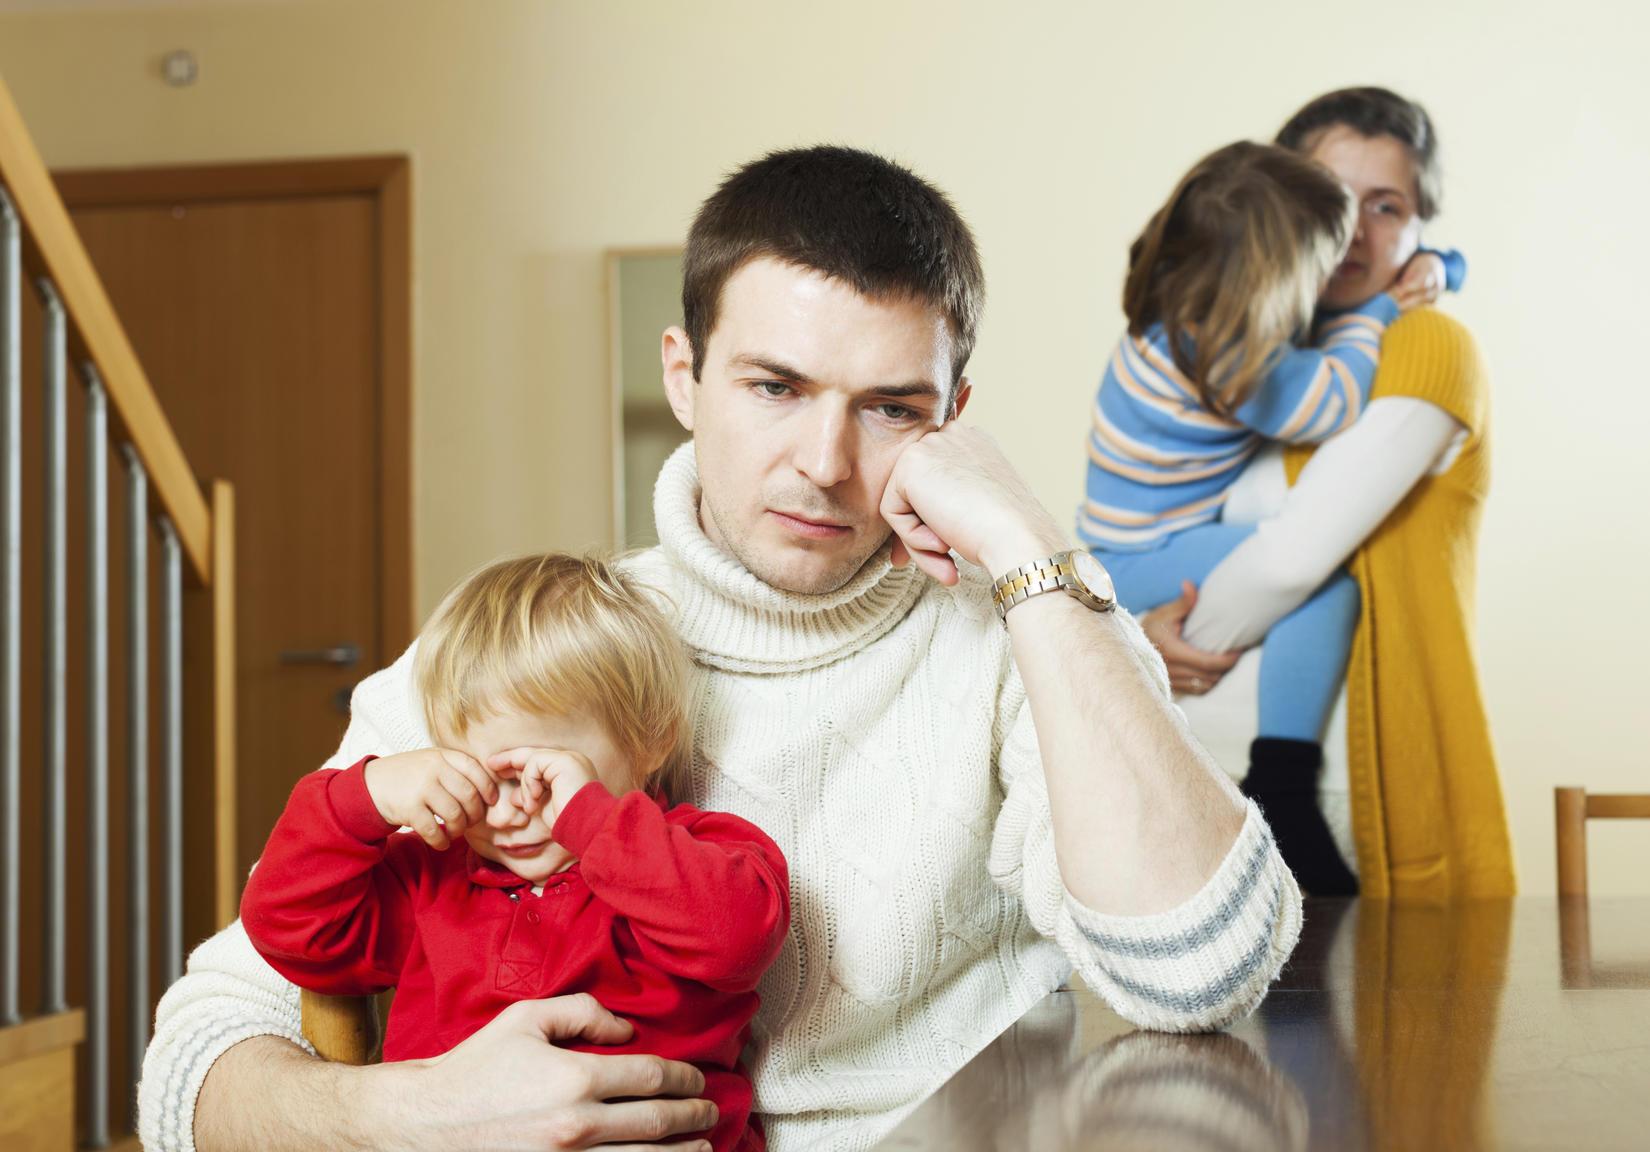 Раздел квартиры при разводе, если есть дети